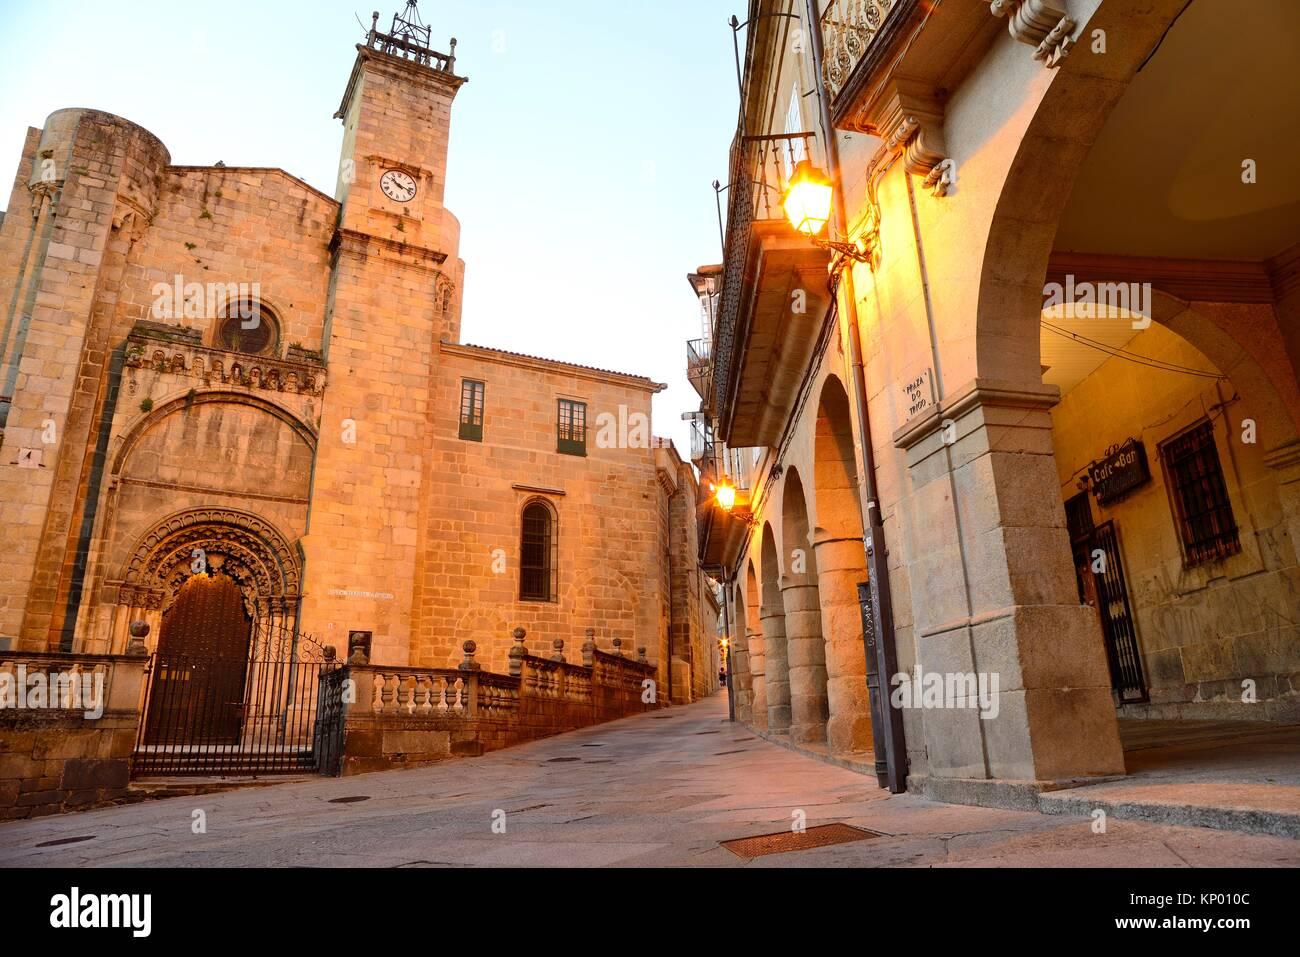 Cathedral of San Martin of Orense from Trigo square, Orense, Spain Stock Photo